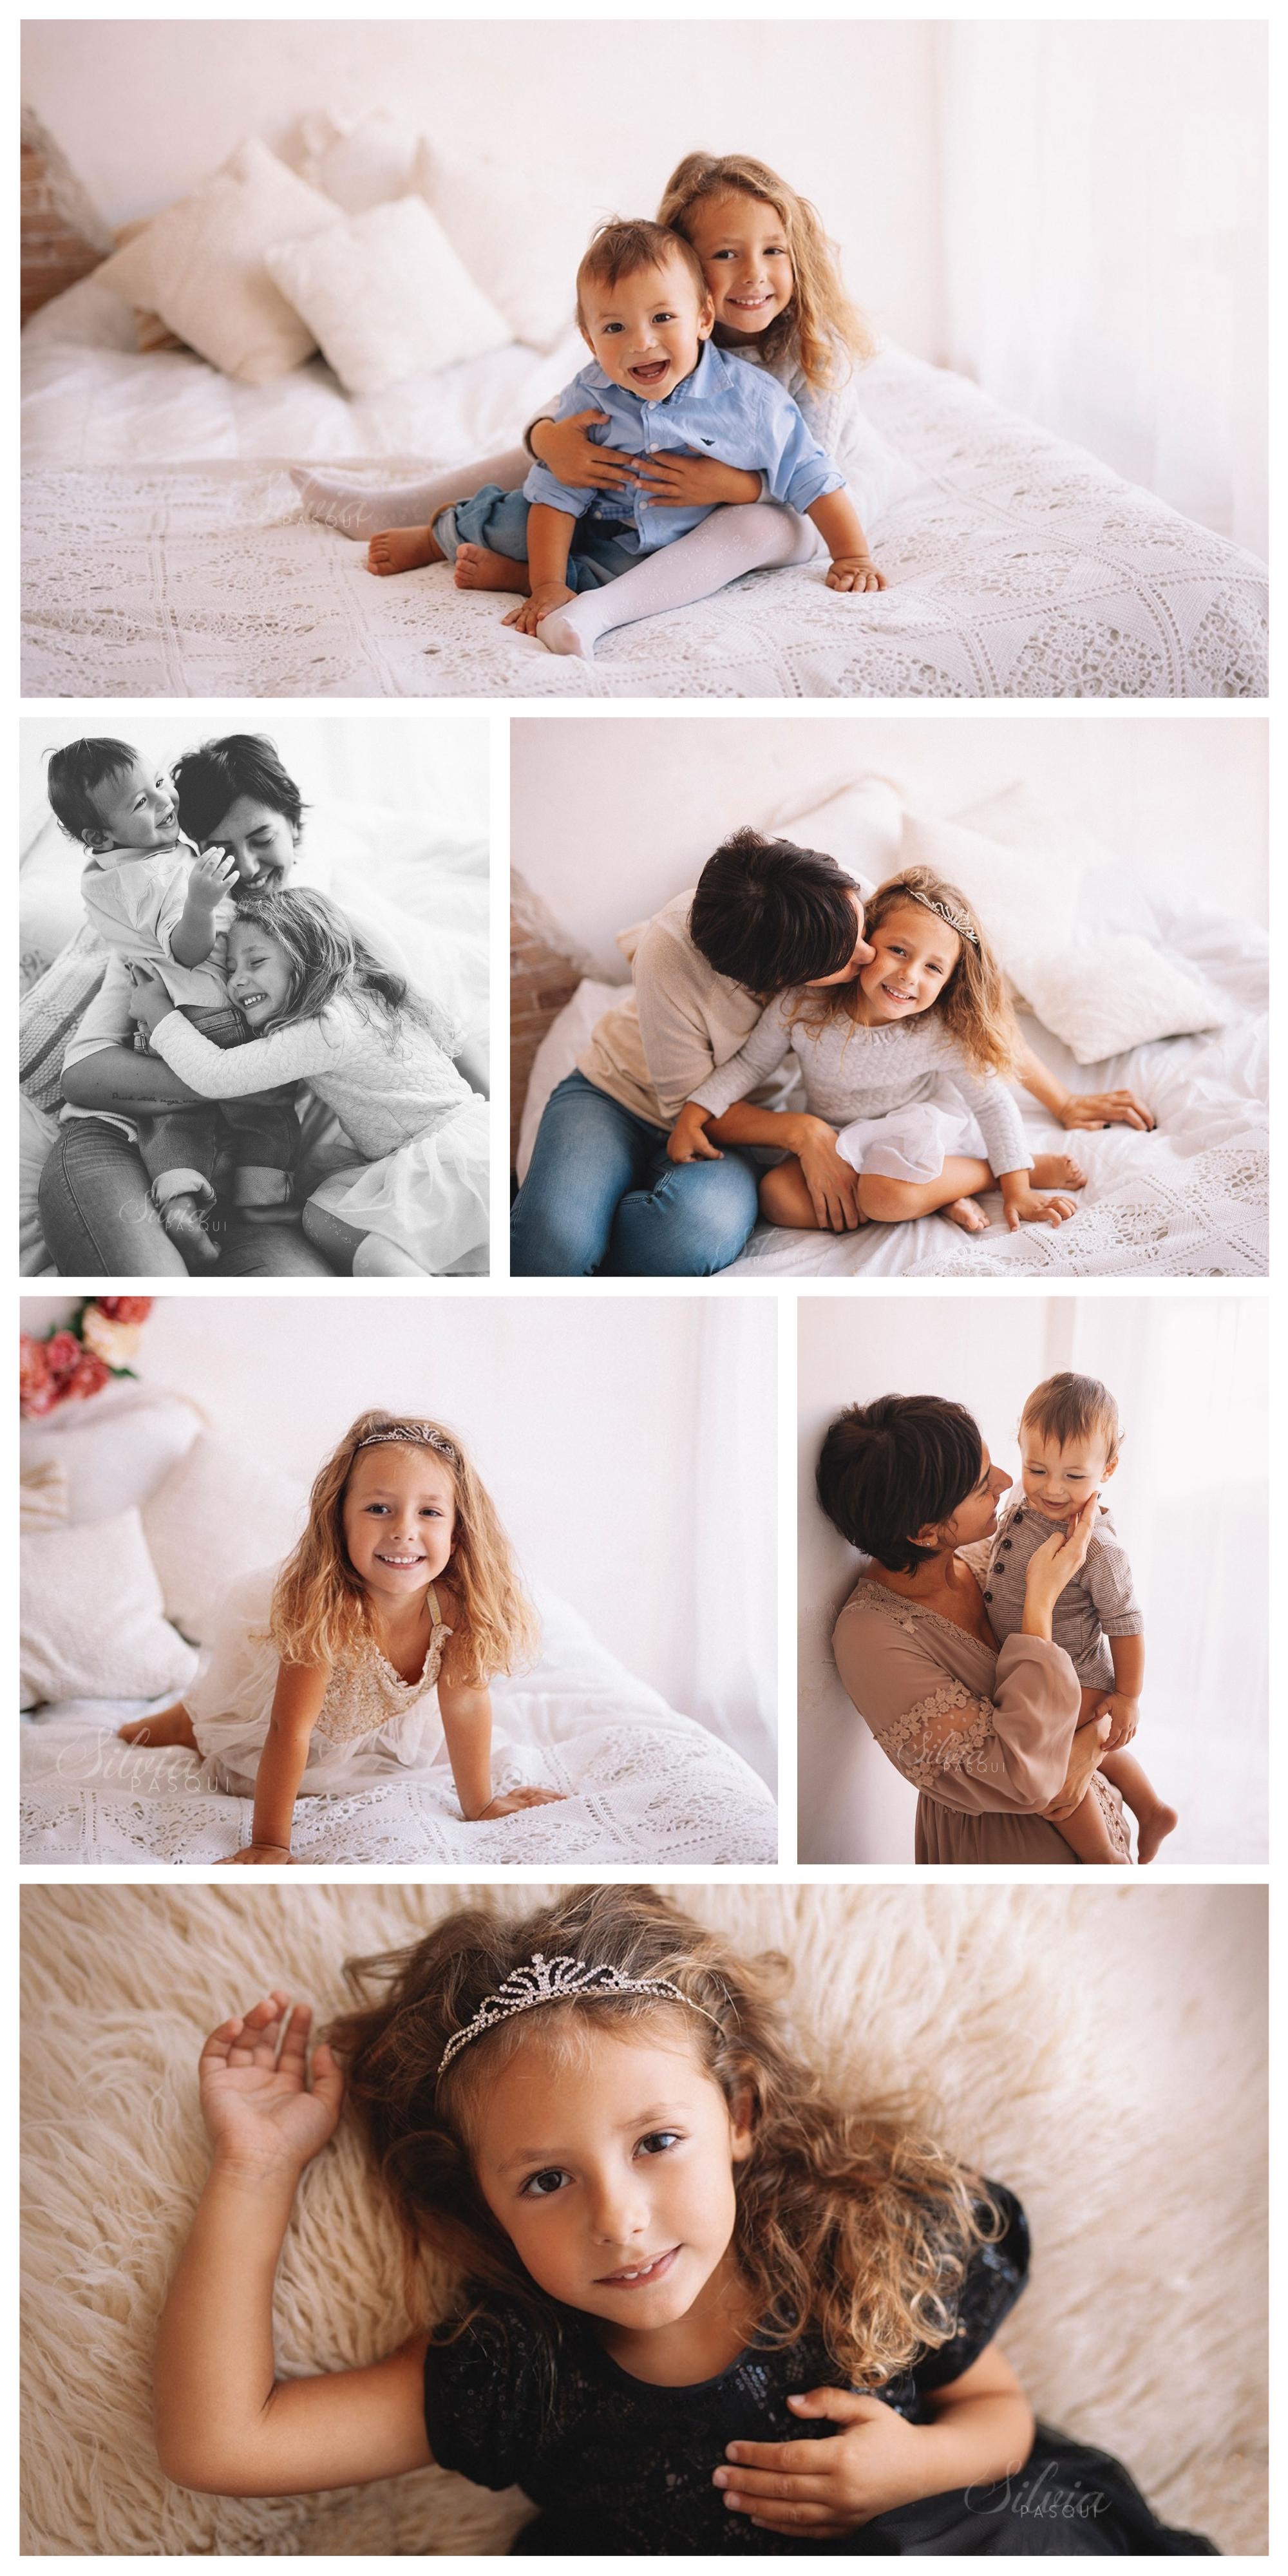 foto famiglia con figli